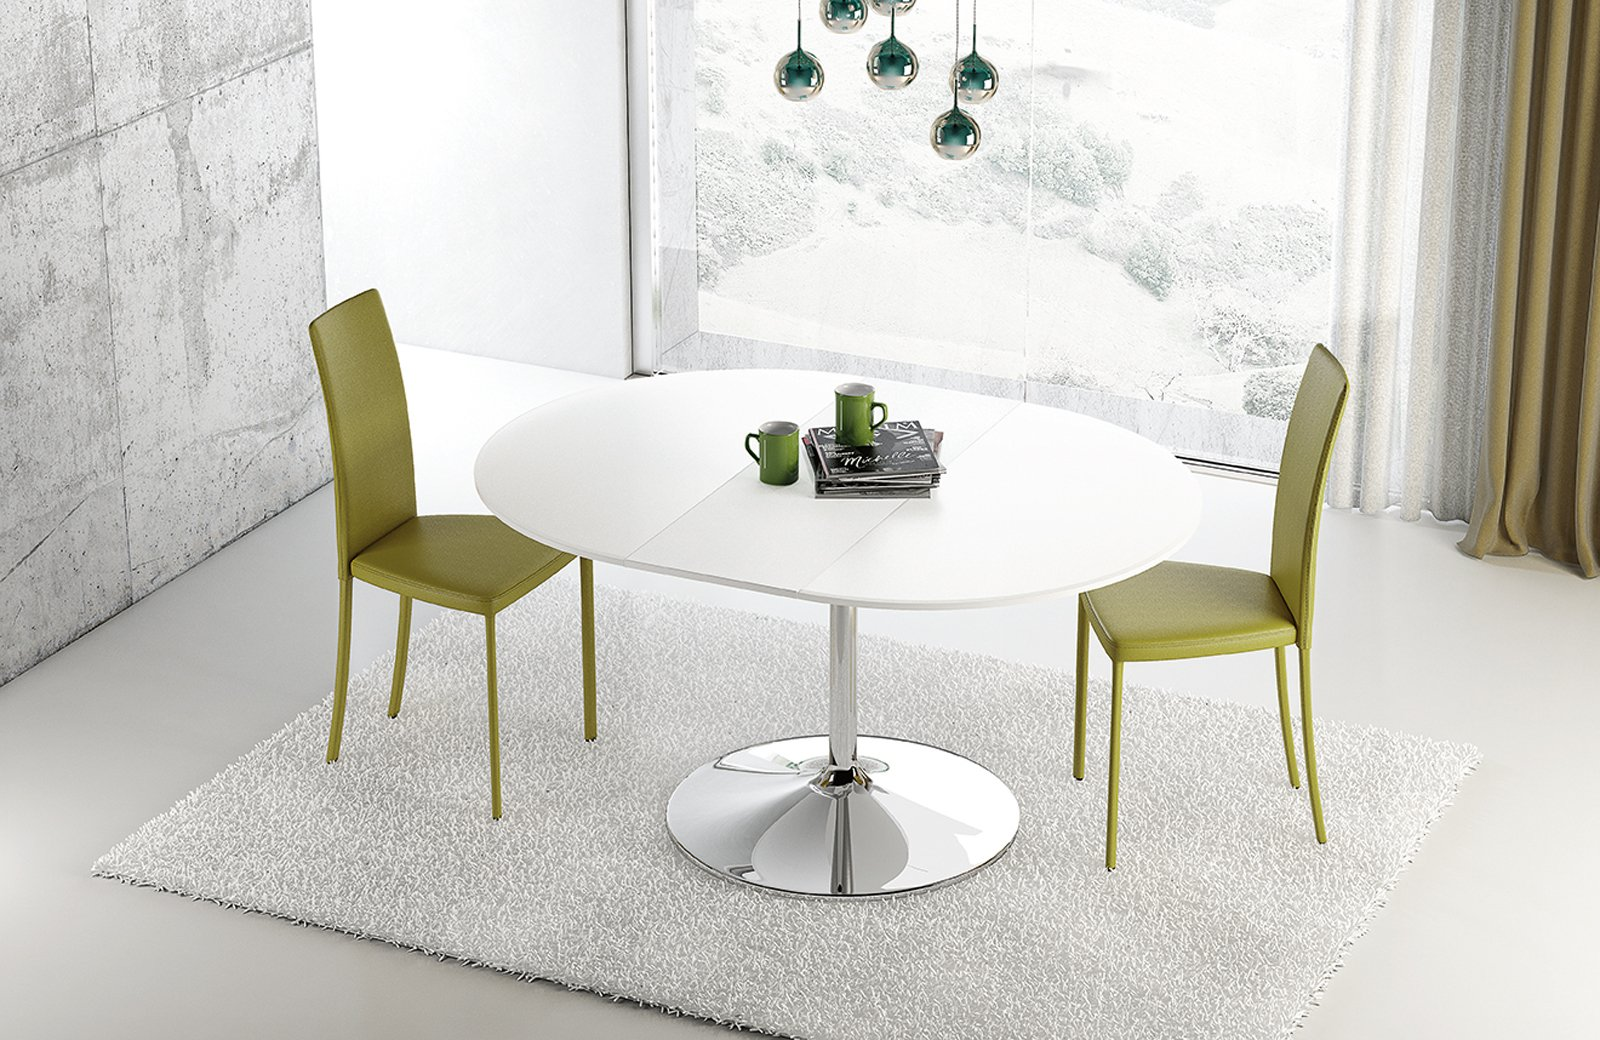 tavolo rotondo allungabile contemporaneo classico in